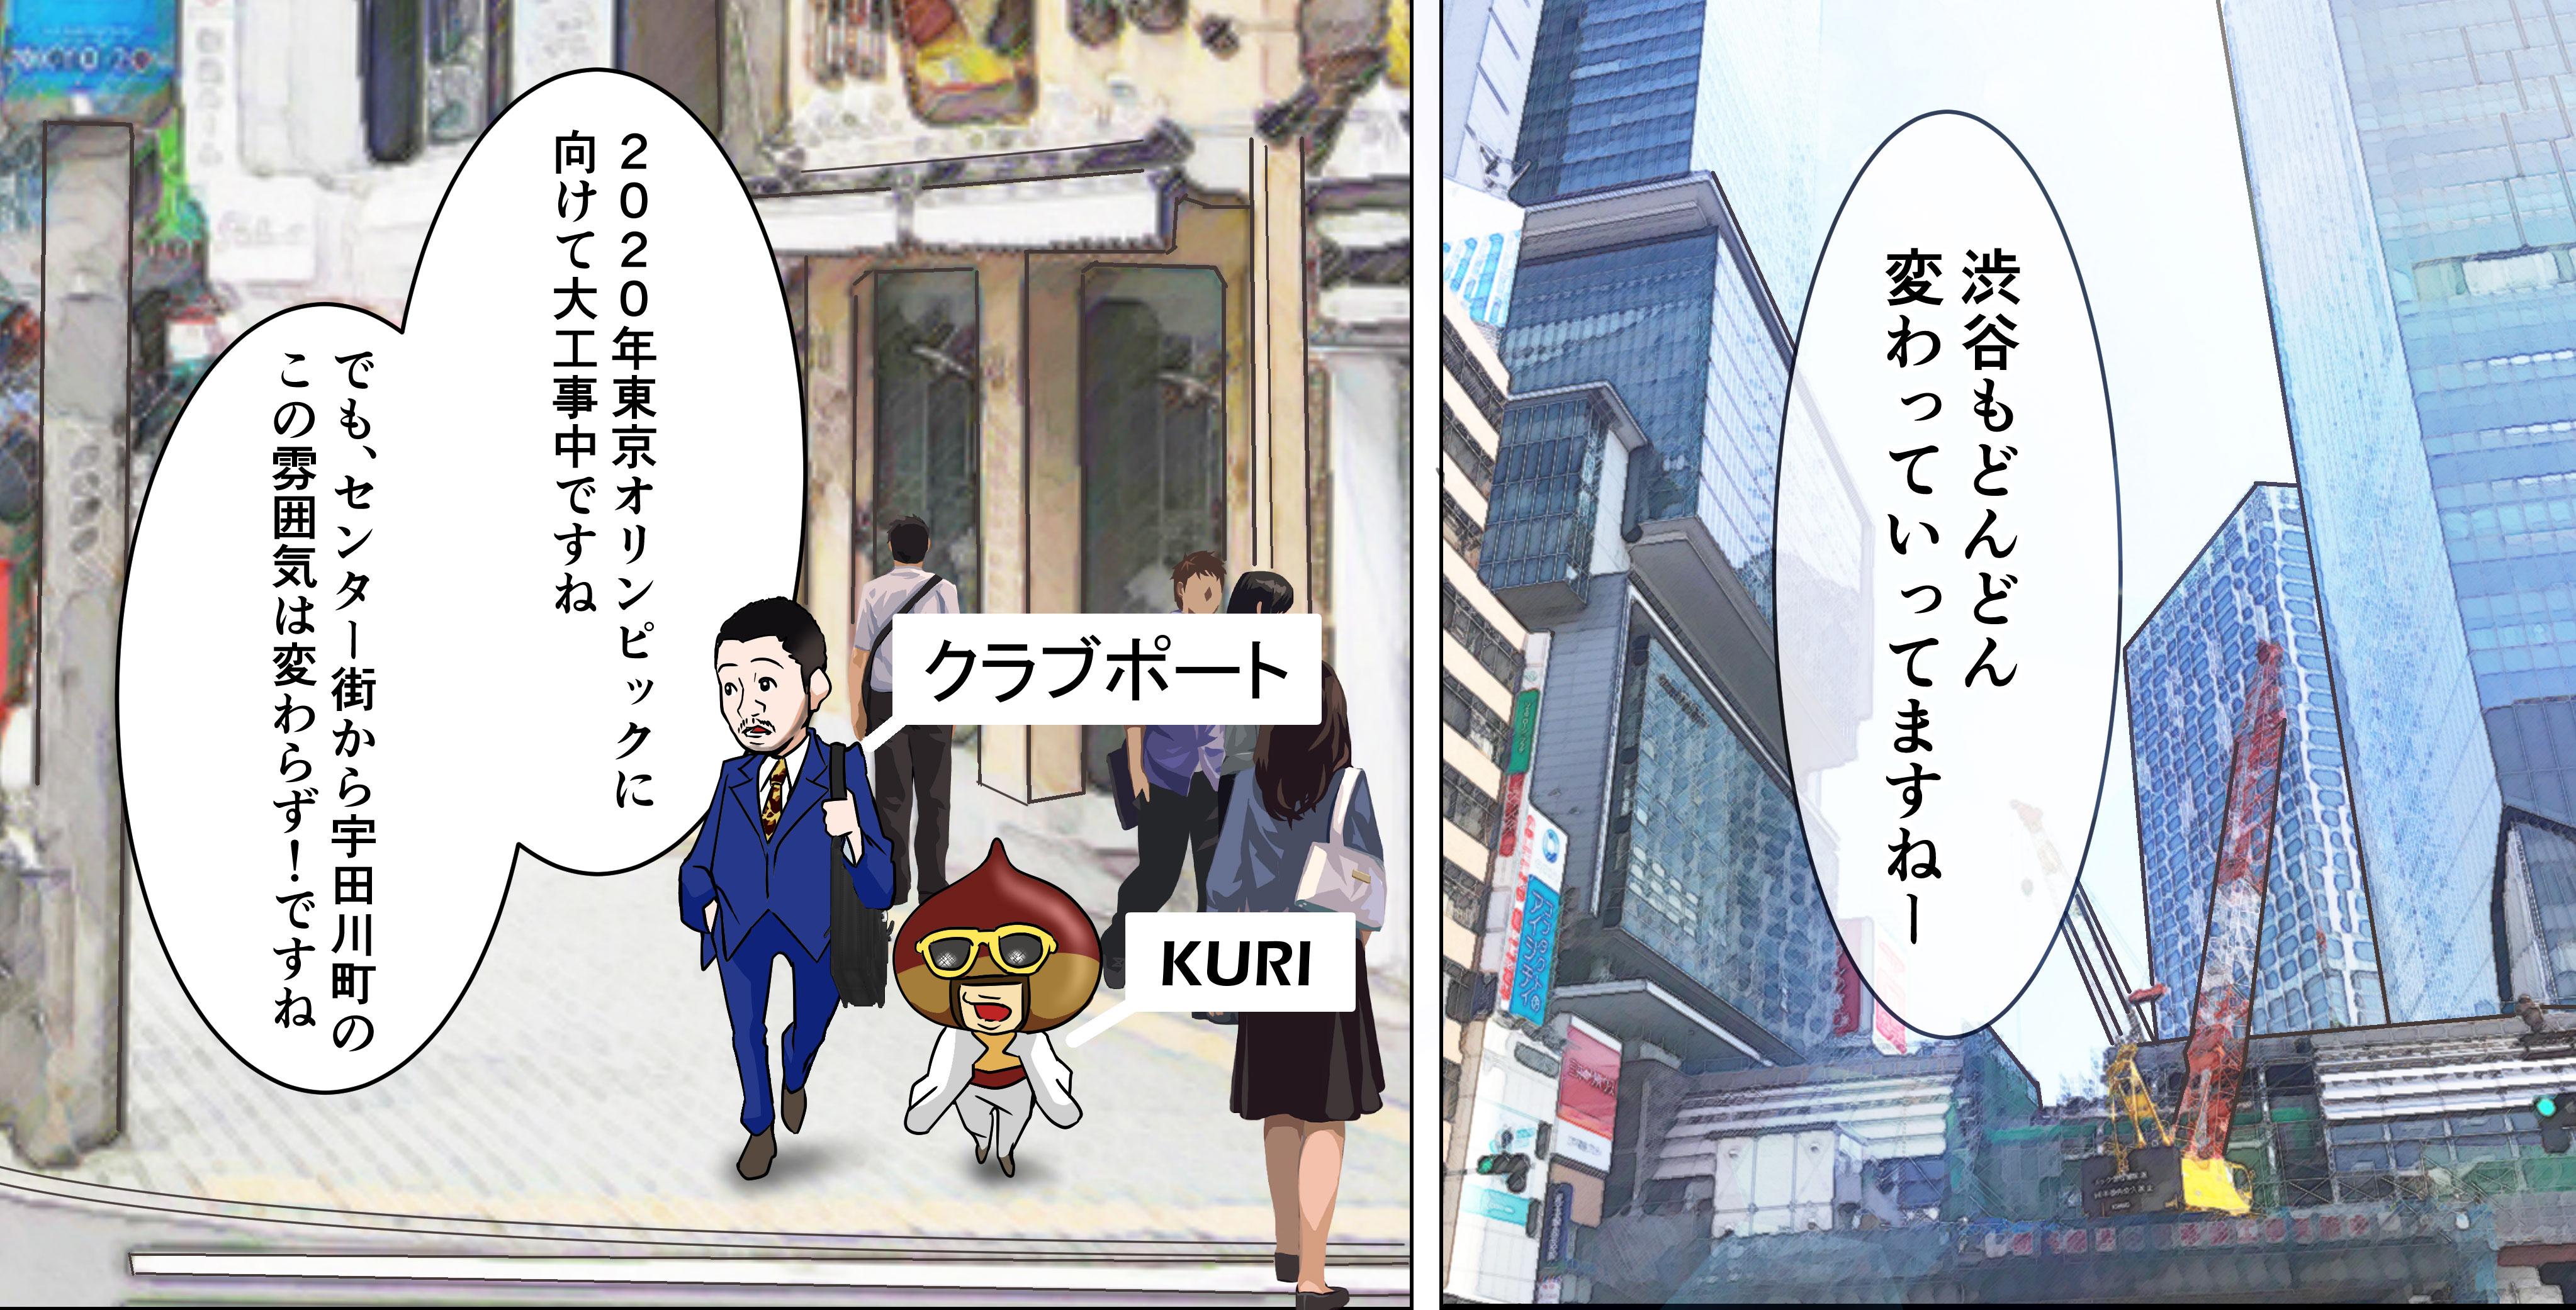 渋谷もどんどん変わっていってますねー。 2020年東京オリンピックに向けて大工事中ですね。 でも、センター街から宇田川町のこの雰囲気は変わらず!ですね。